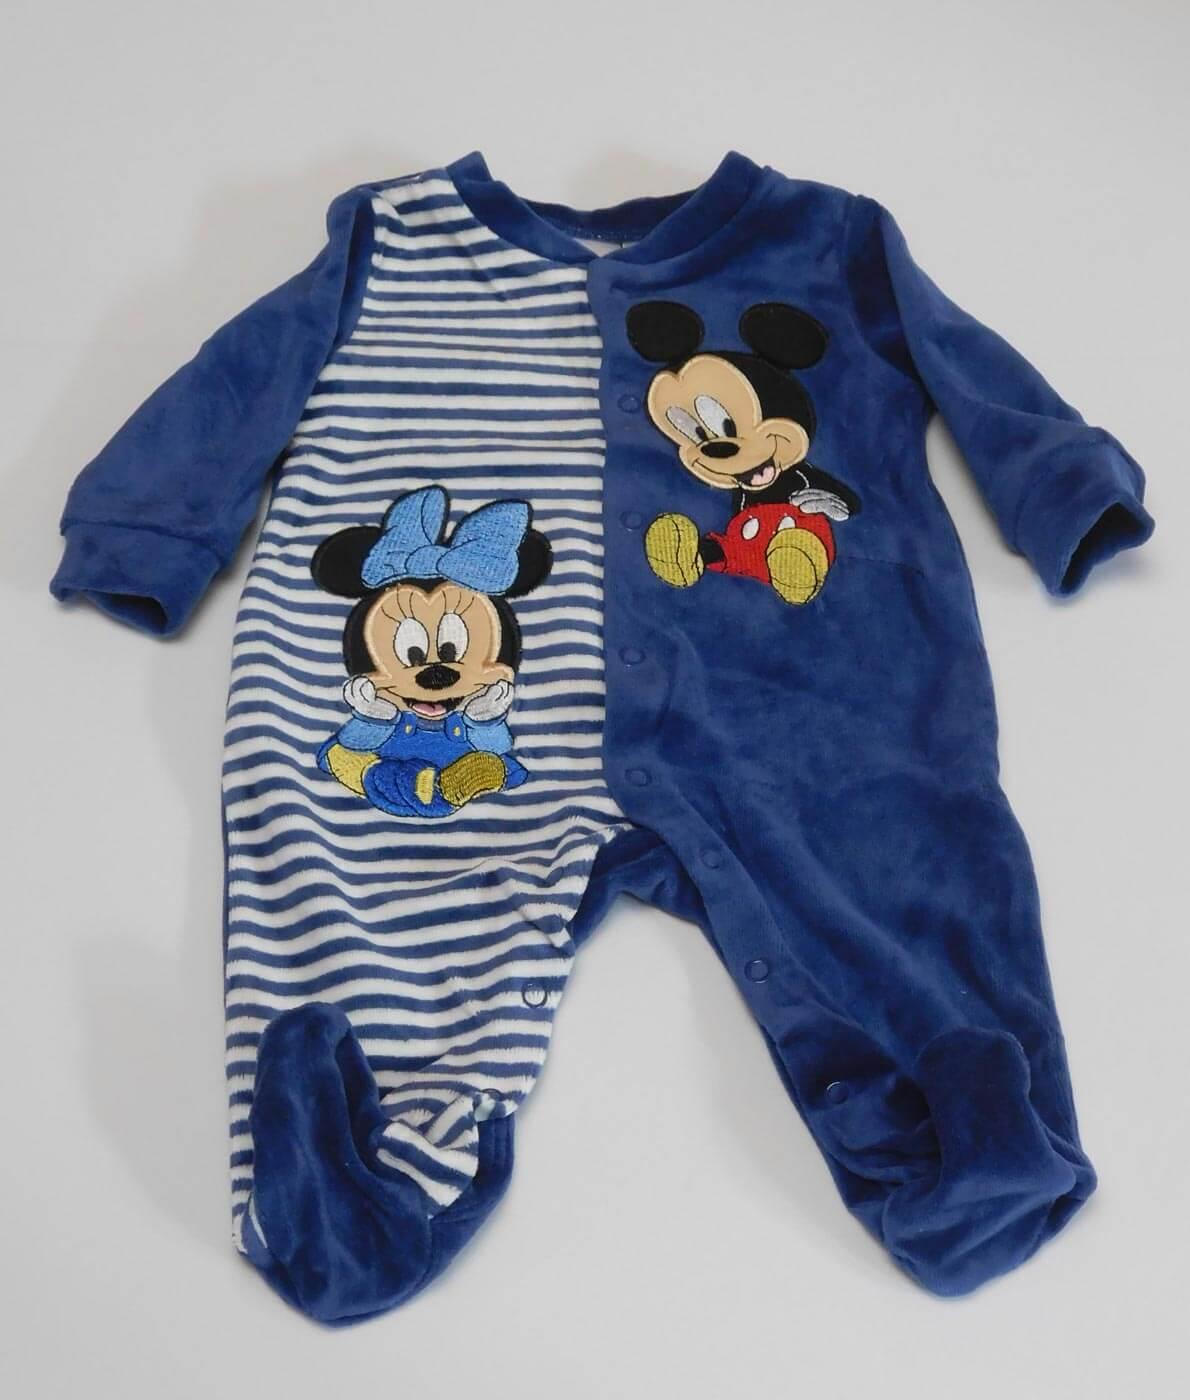 d28c2f9724 Disney Minnie & Mickey egeres hímzett plüss hosszú ujjú rugdalózó, Fiú -  Sötétkék